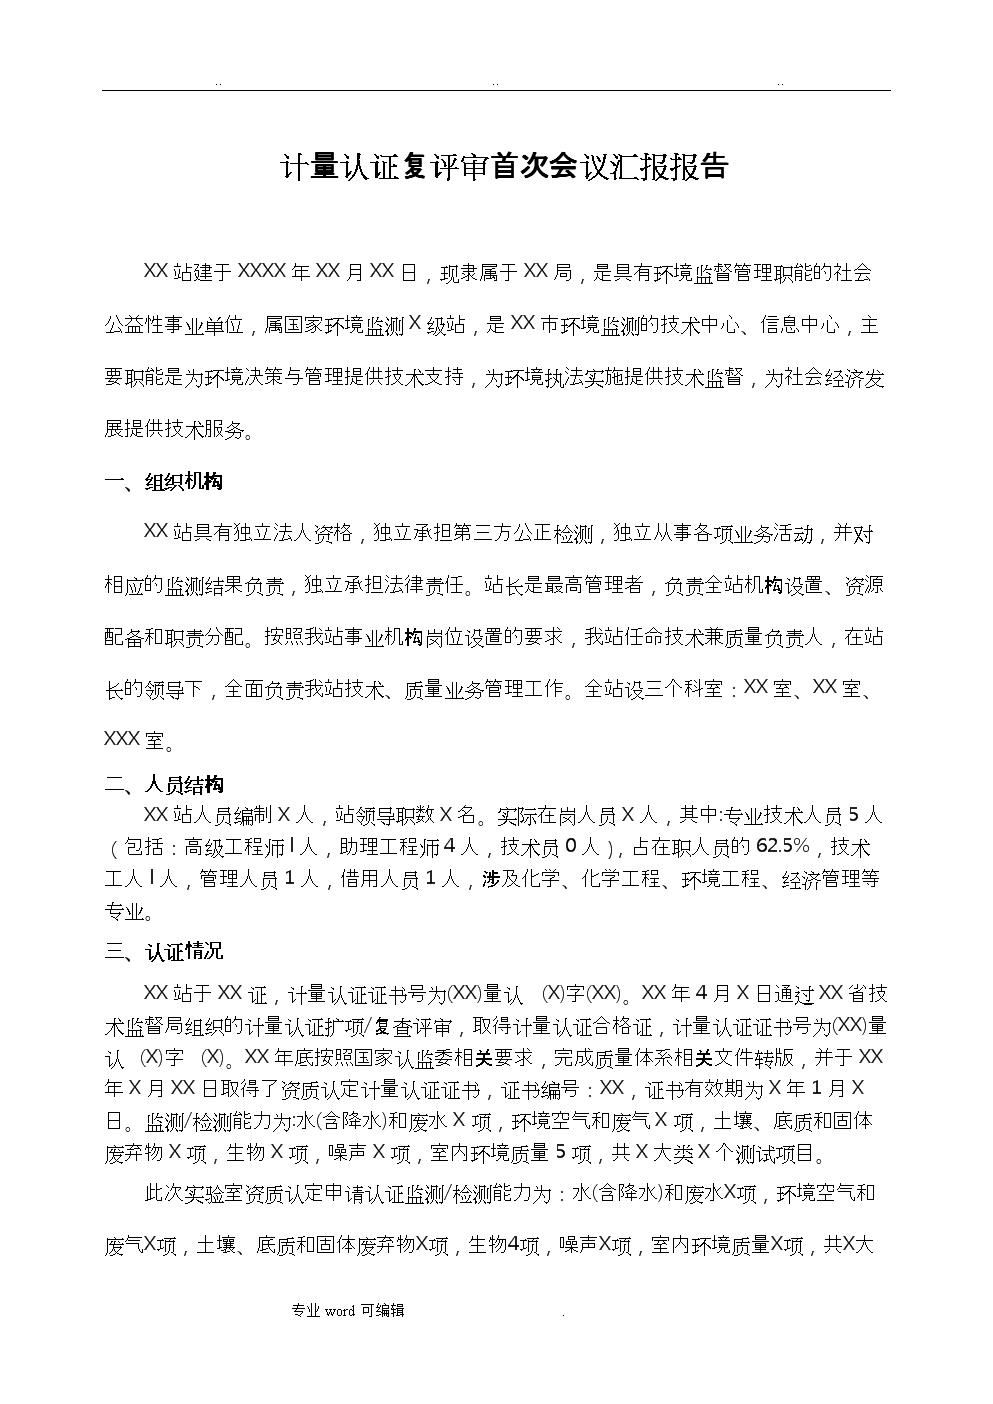 现场评审汇报材料文书.doc